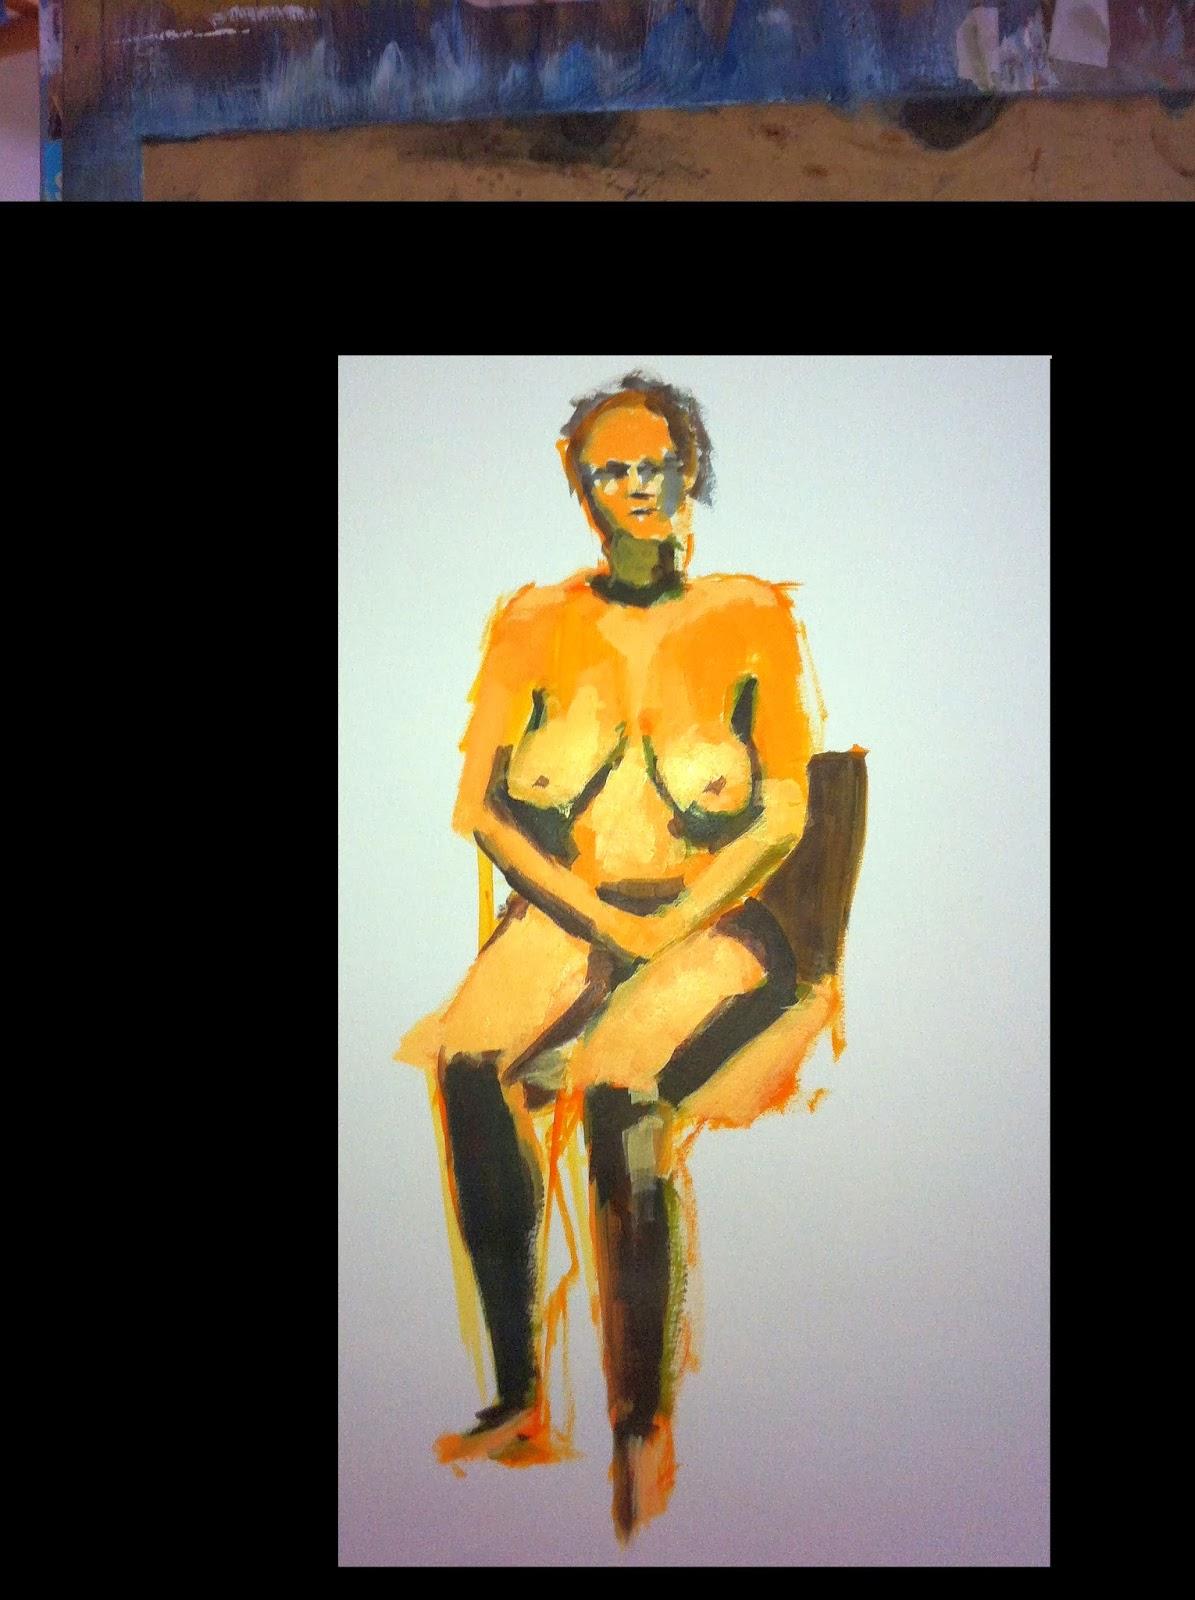 figure painting, ocad